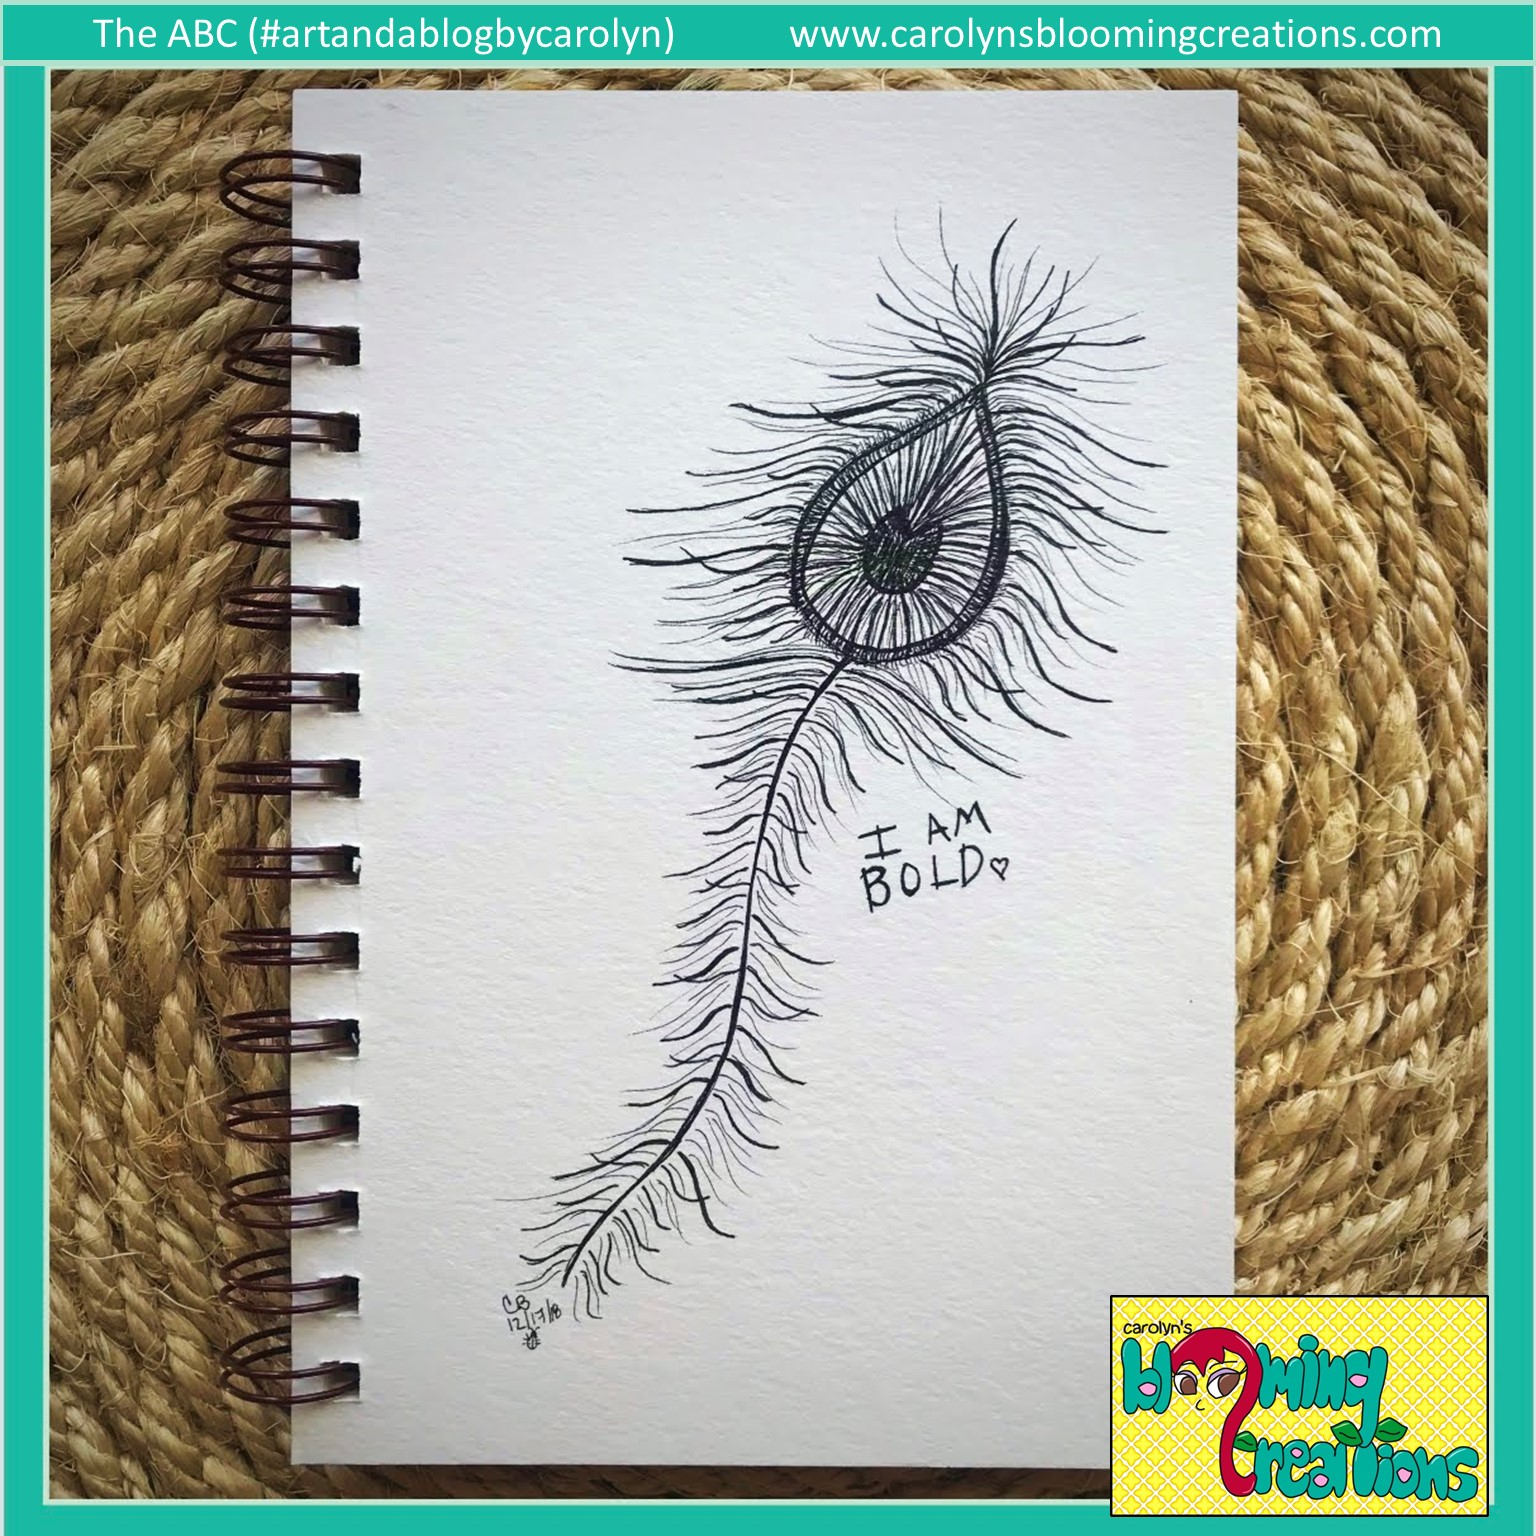 Art by Carolyn J. Braden, Media: Faber Castell PITT pens